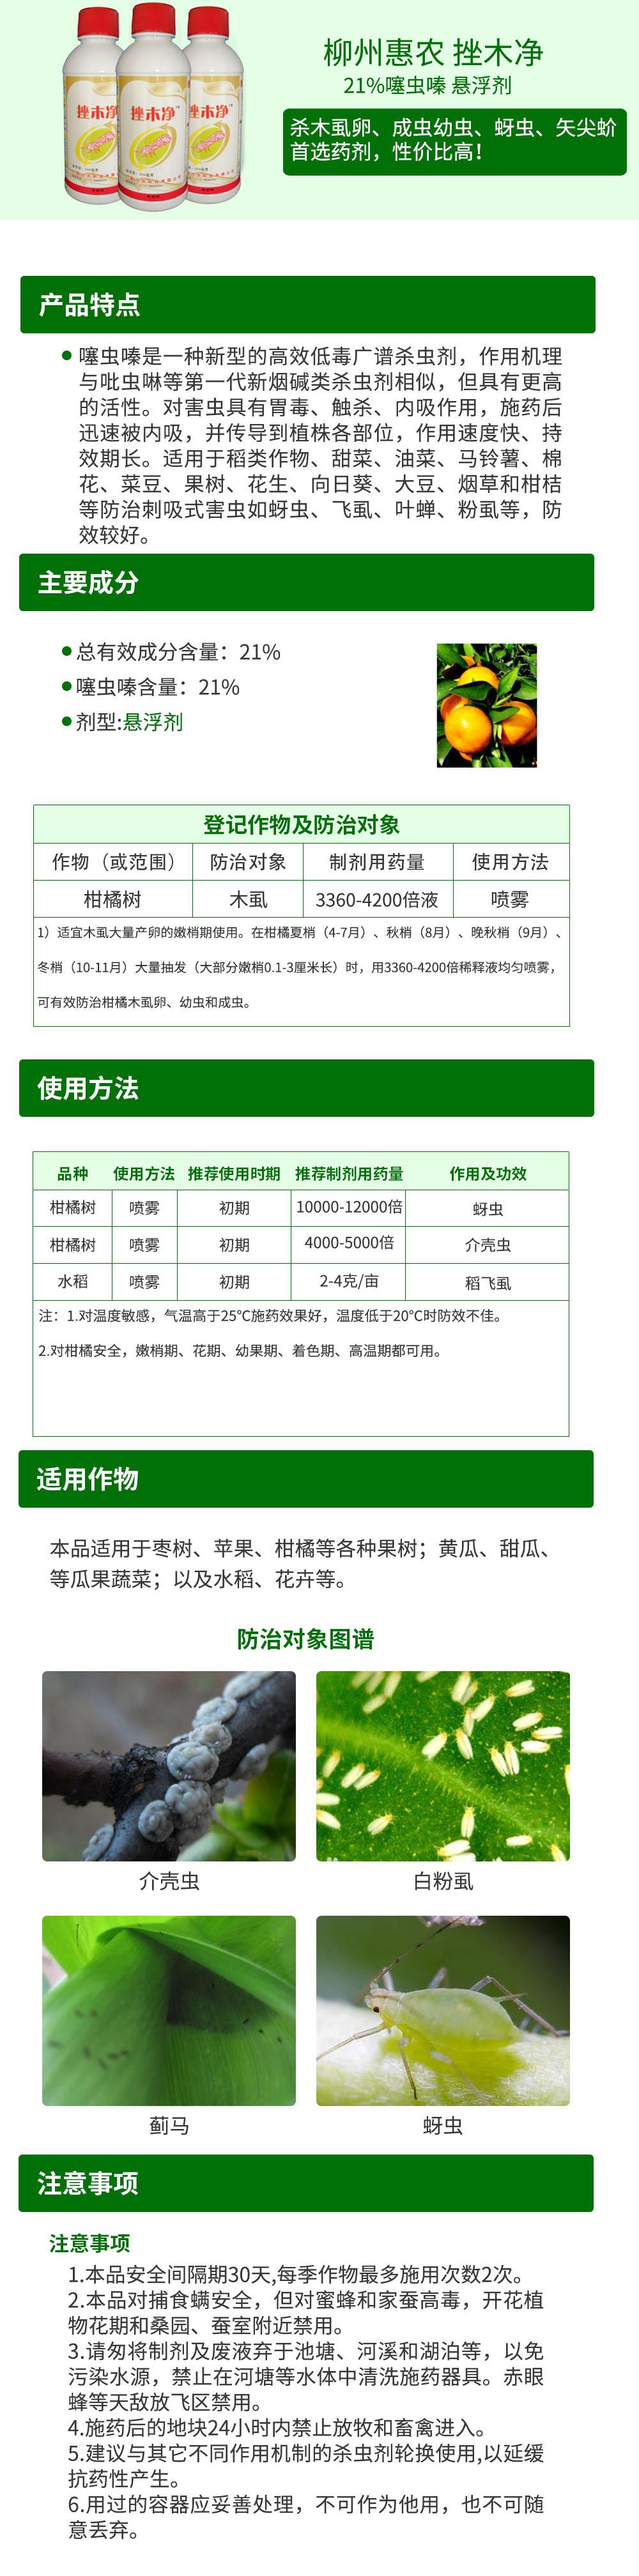 柳州惠农-噻虫嗪.jpg